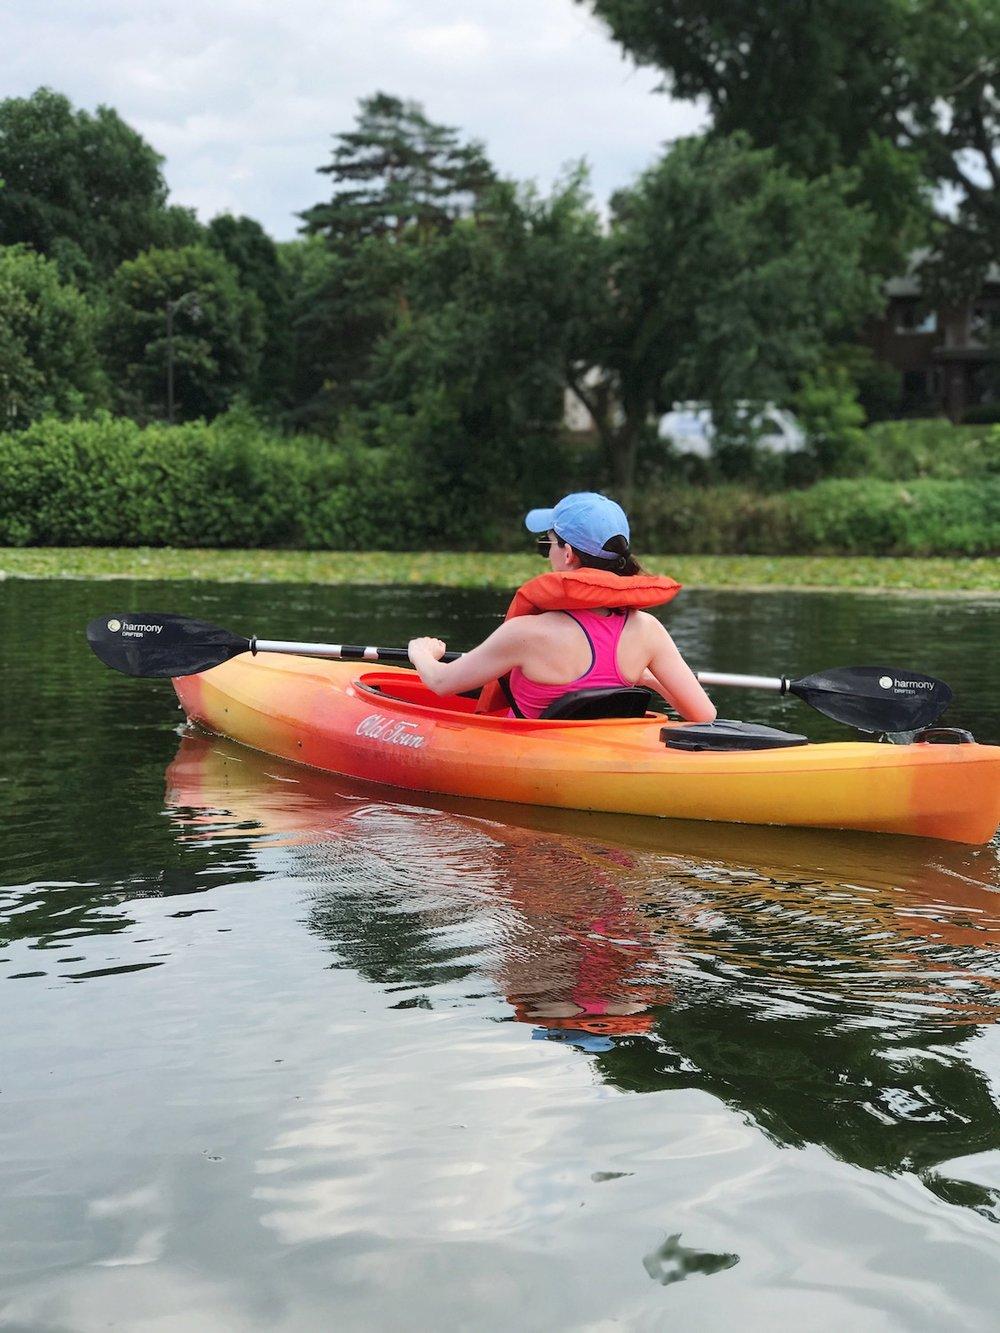 kayaking-on-lake-calhoun-minneapolis.JPG